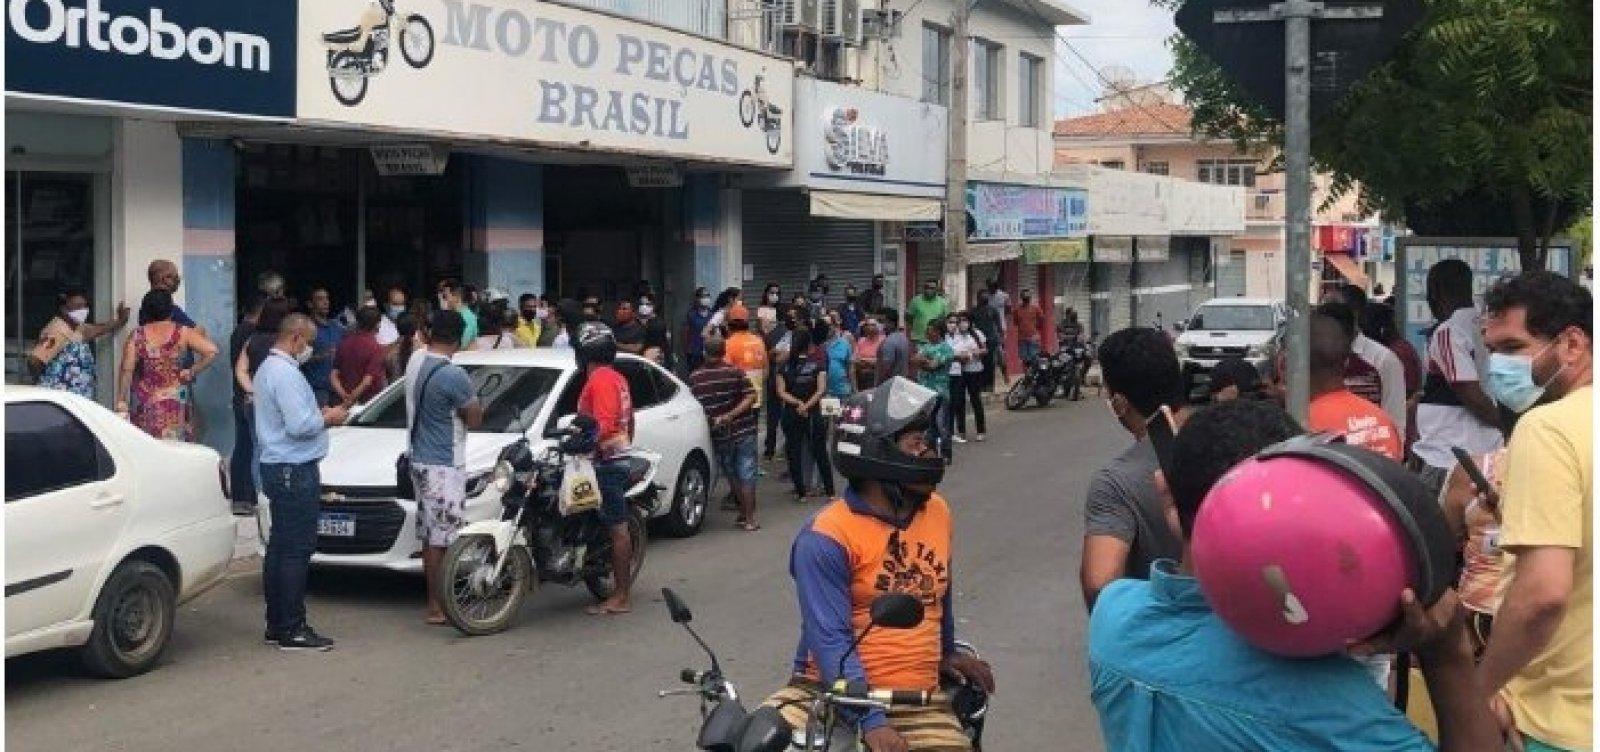 Comerciantes se recusam a cumprir decreto e protestam na região oeste